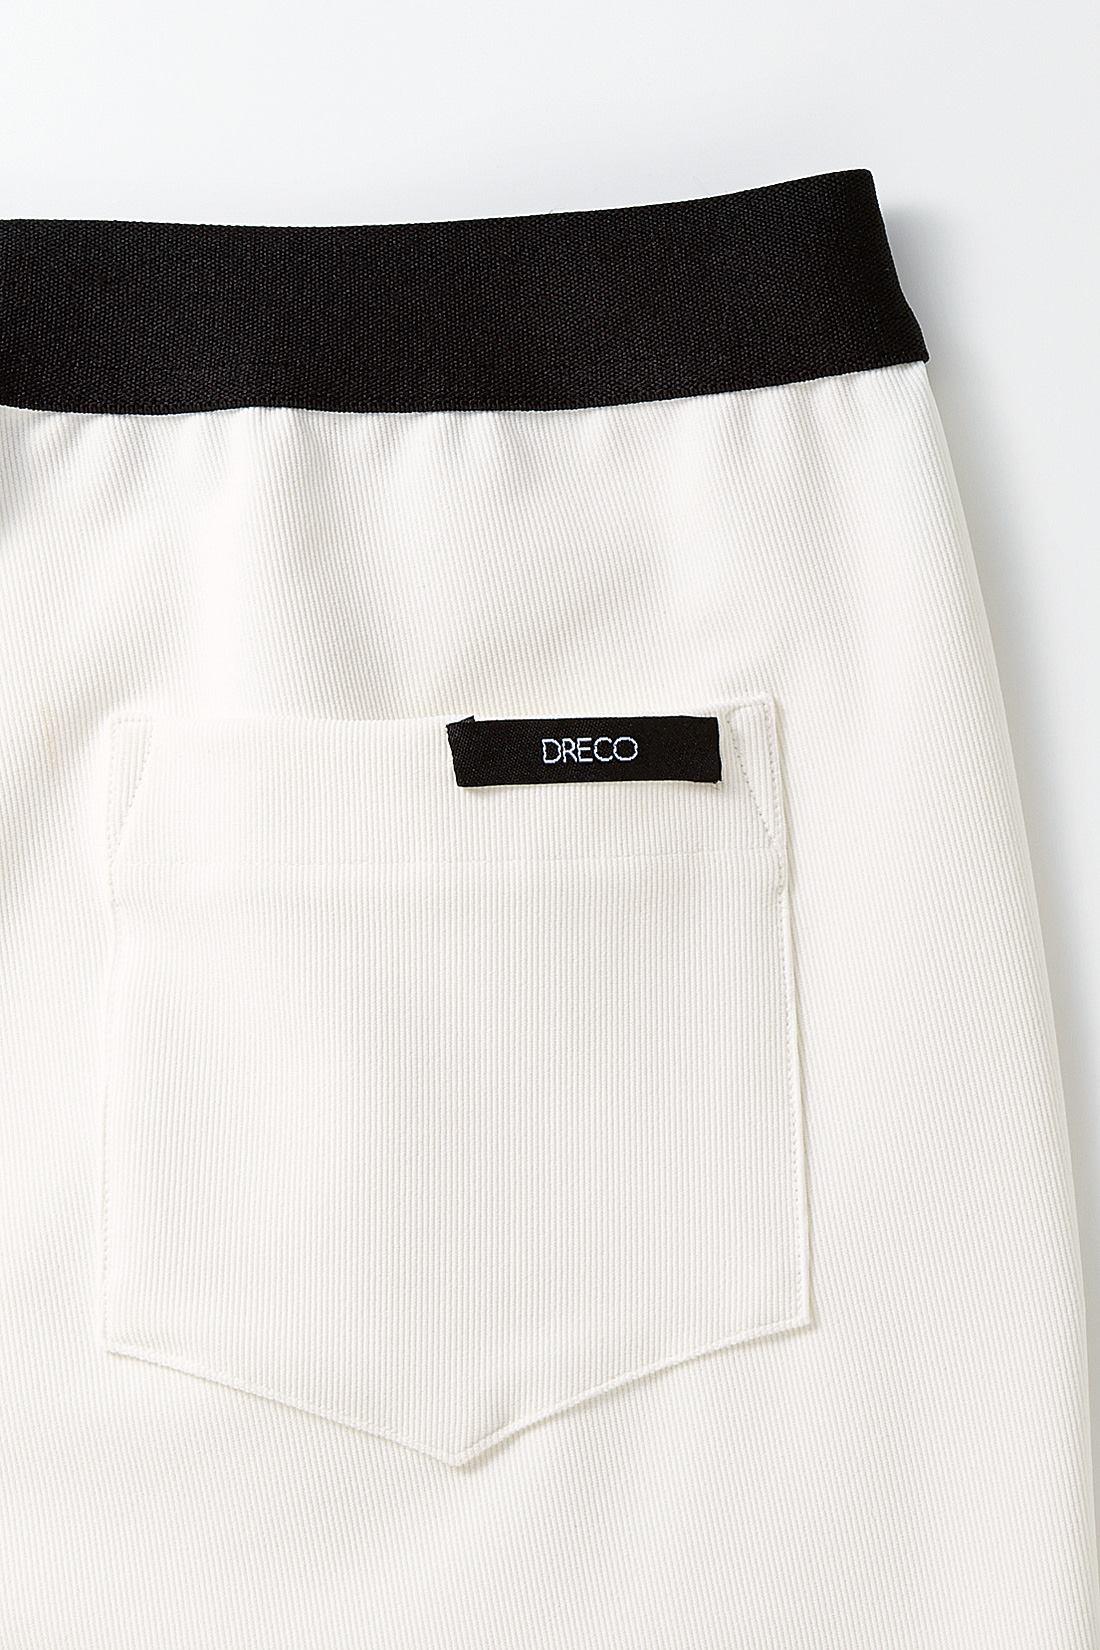 後ろポケットのDRECOのネームタグが本格派っぽさを盛り上げます。